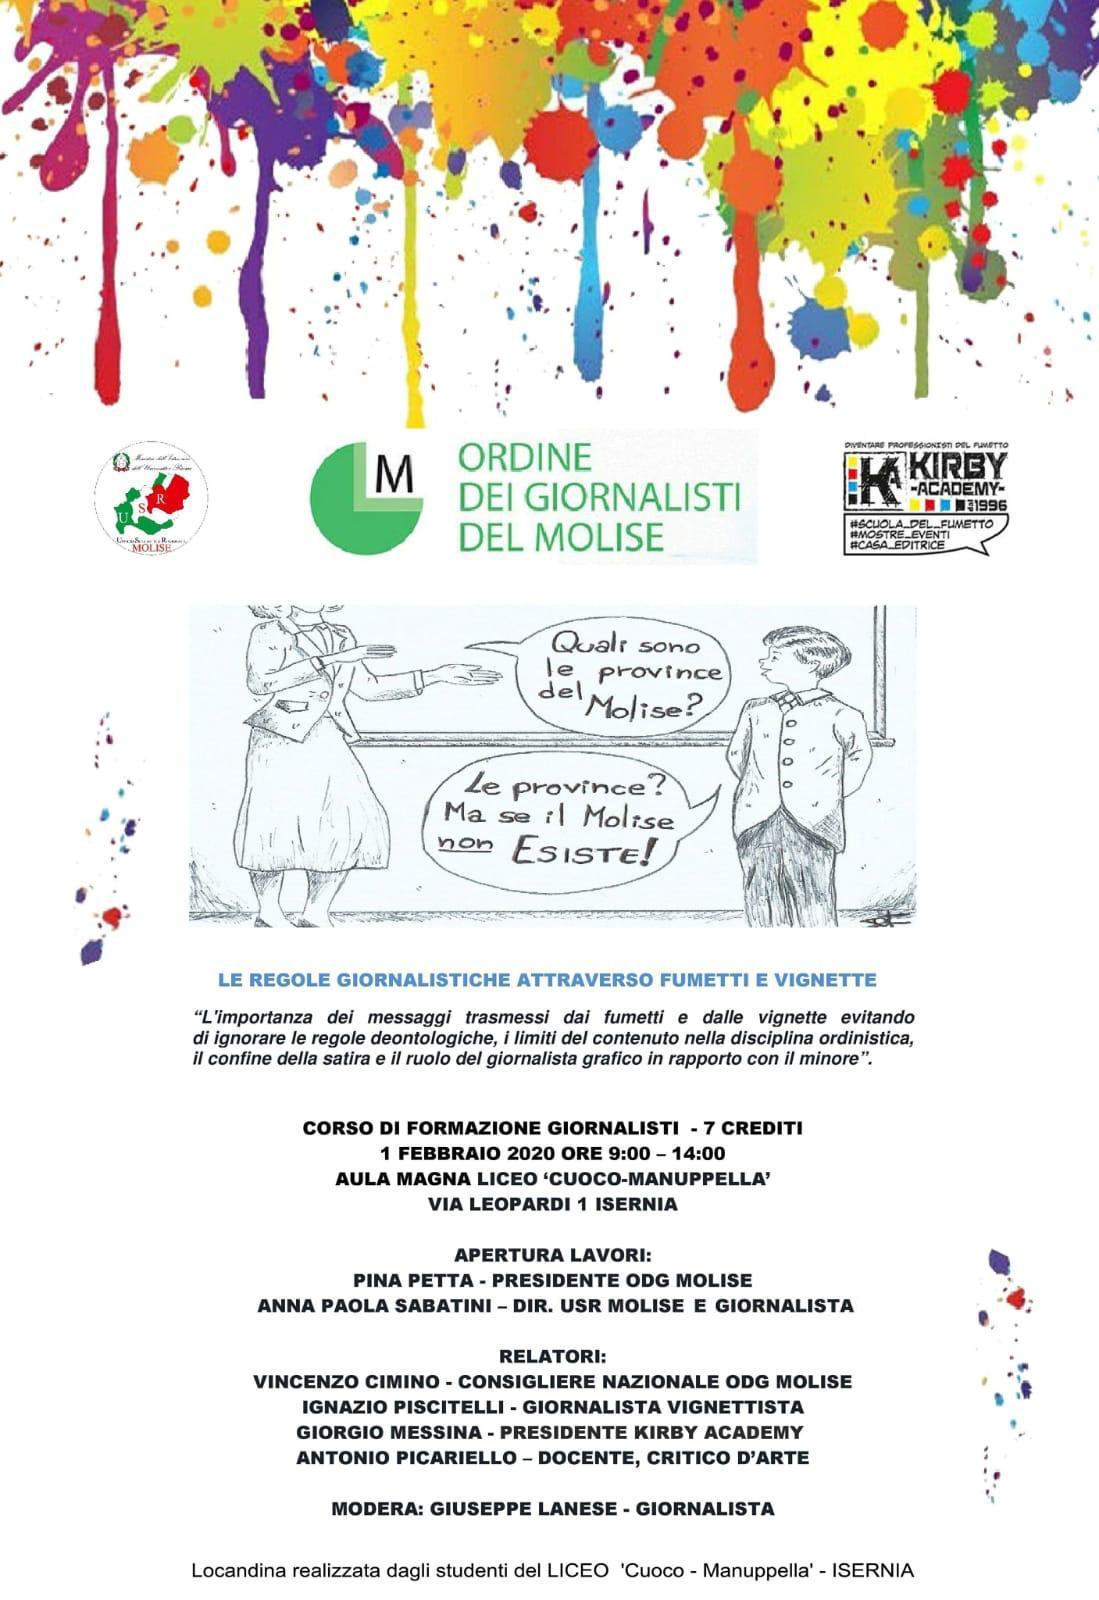 """PARTECIPAZIONE AL CORSO """"LE REGOLE GIORNALISTICHE ATTRAVERSO FUMETTI E VIGNETTE"""" 1 FEBBRAIO 2020"""